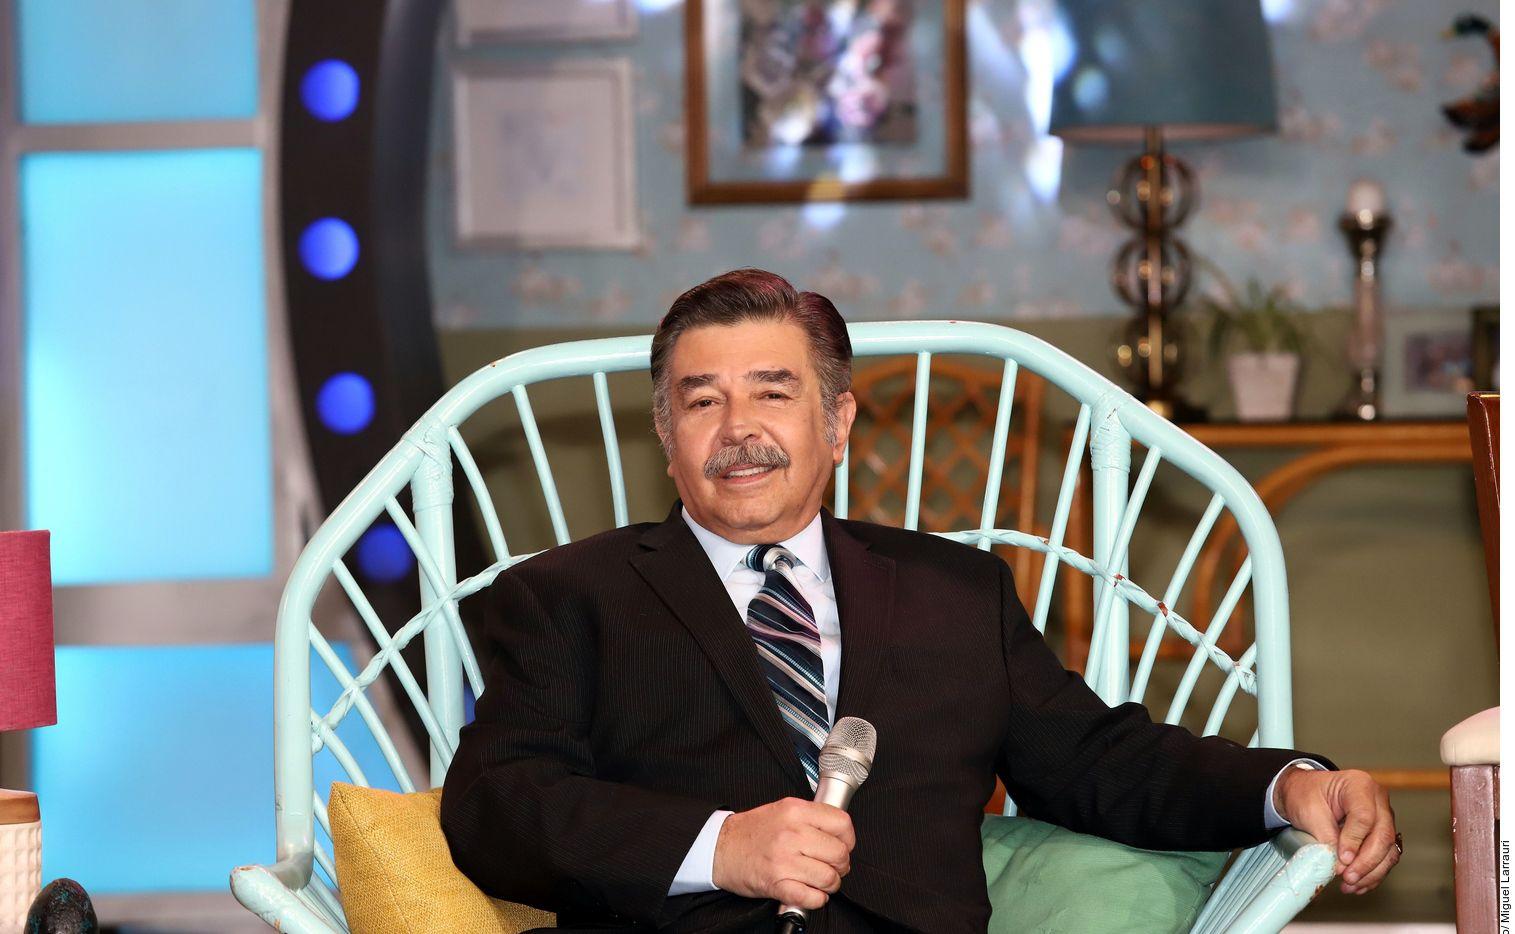 Jorge Ortiz de Pinedo no le baja el ritmo a sus actividades a pesar de las recomendaciones del médico.